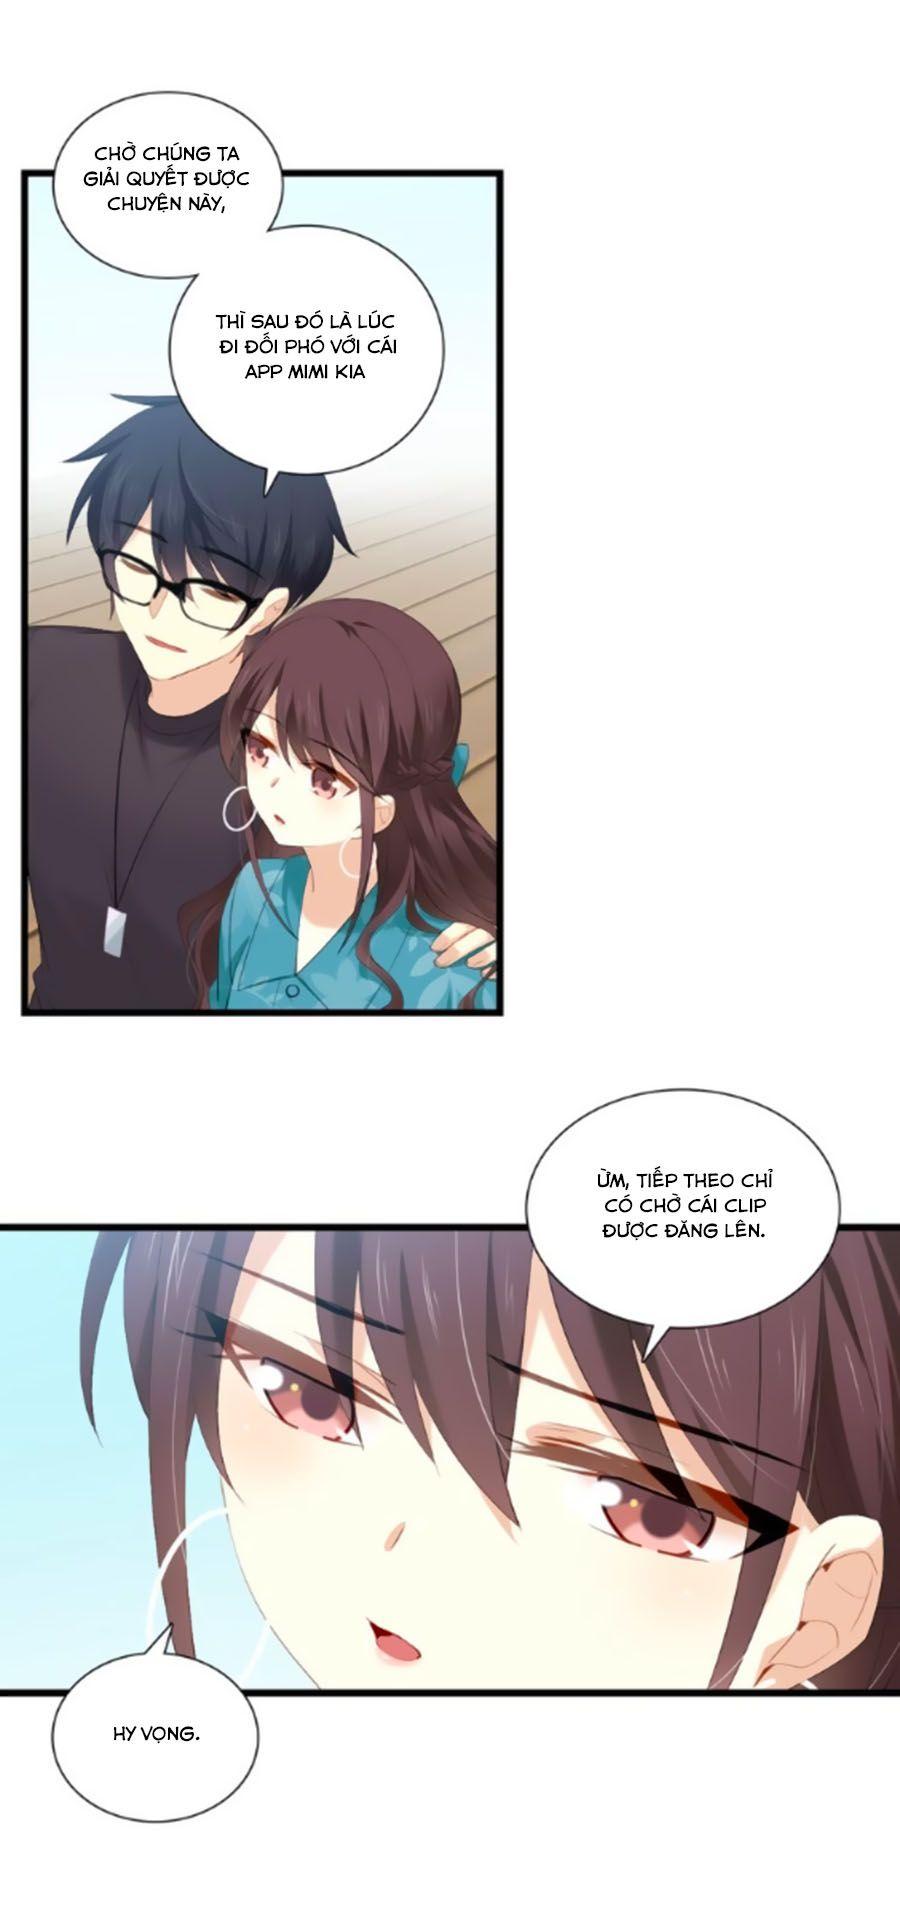 Tình Yêu Là Thế 2 chap 20 - Trang 17